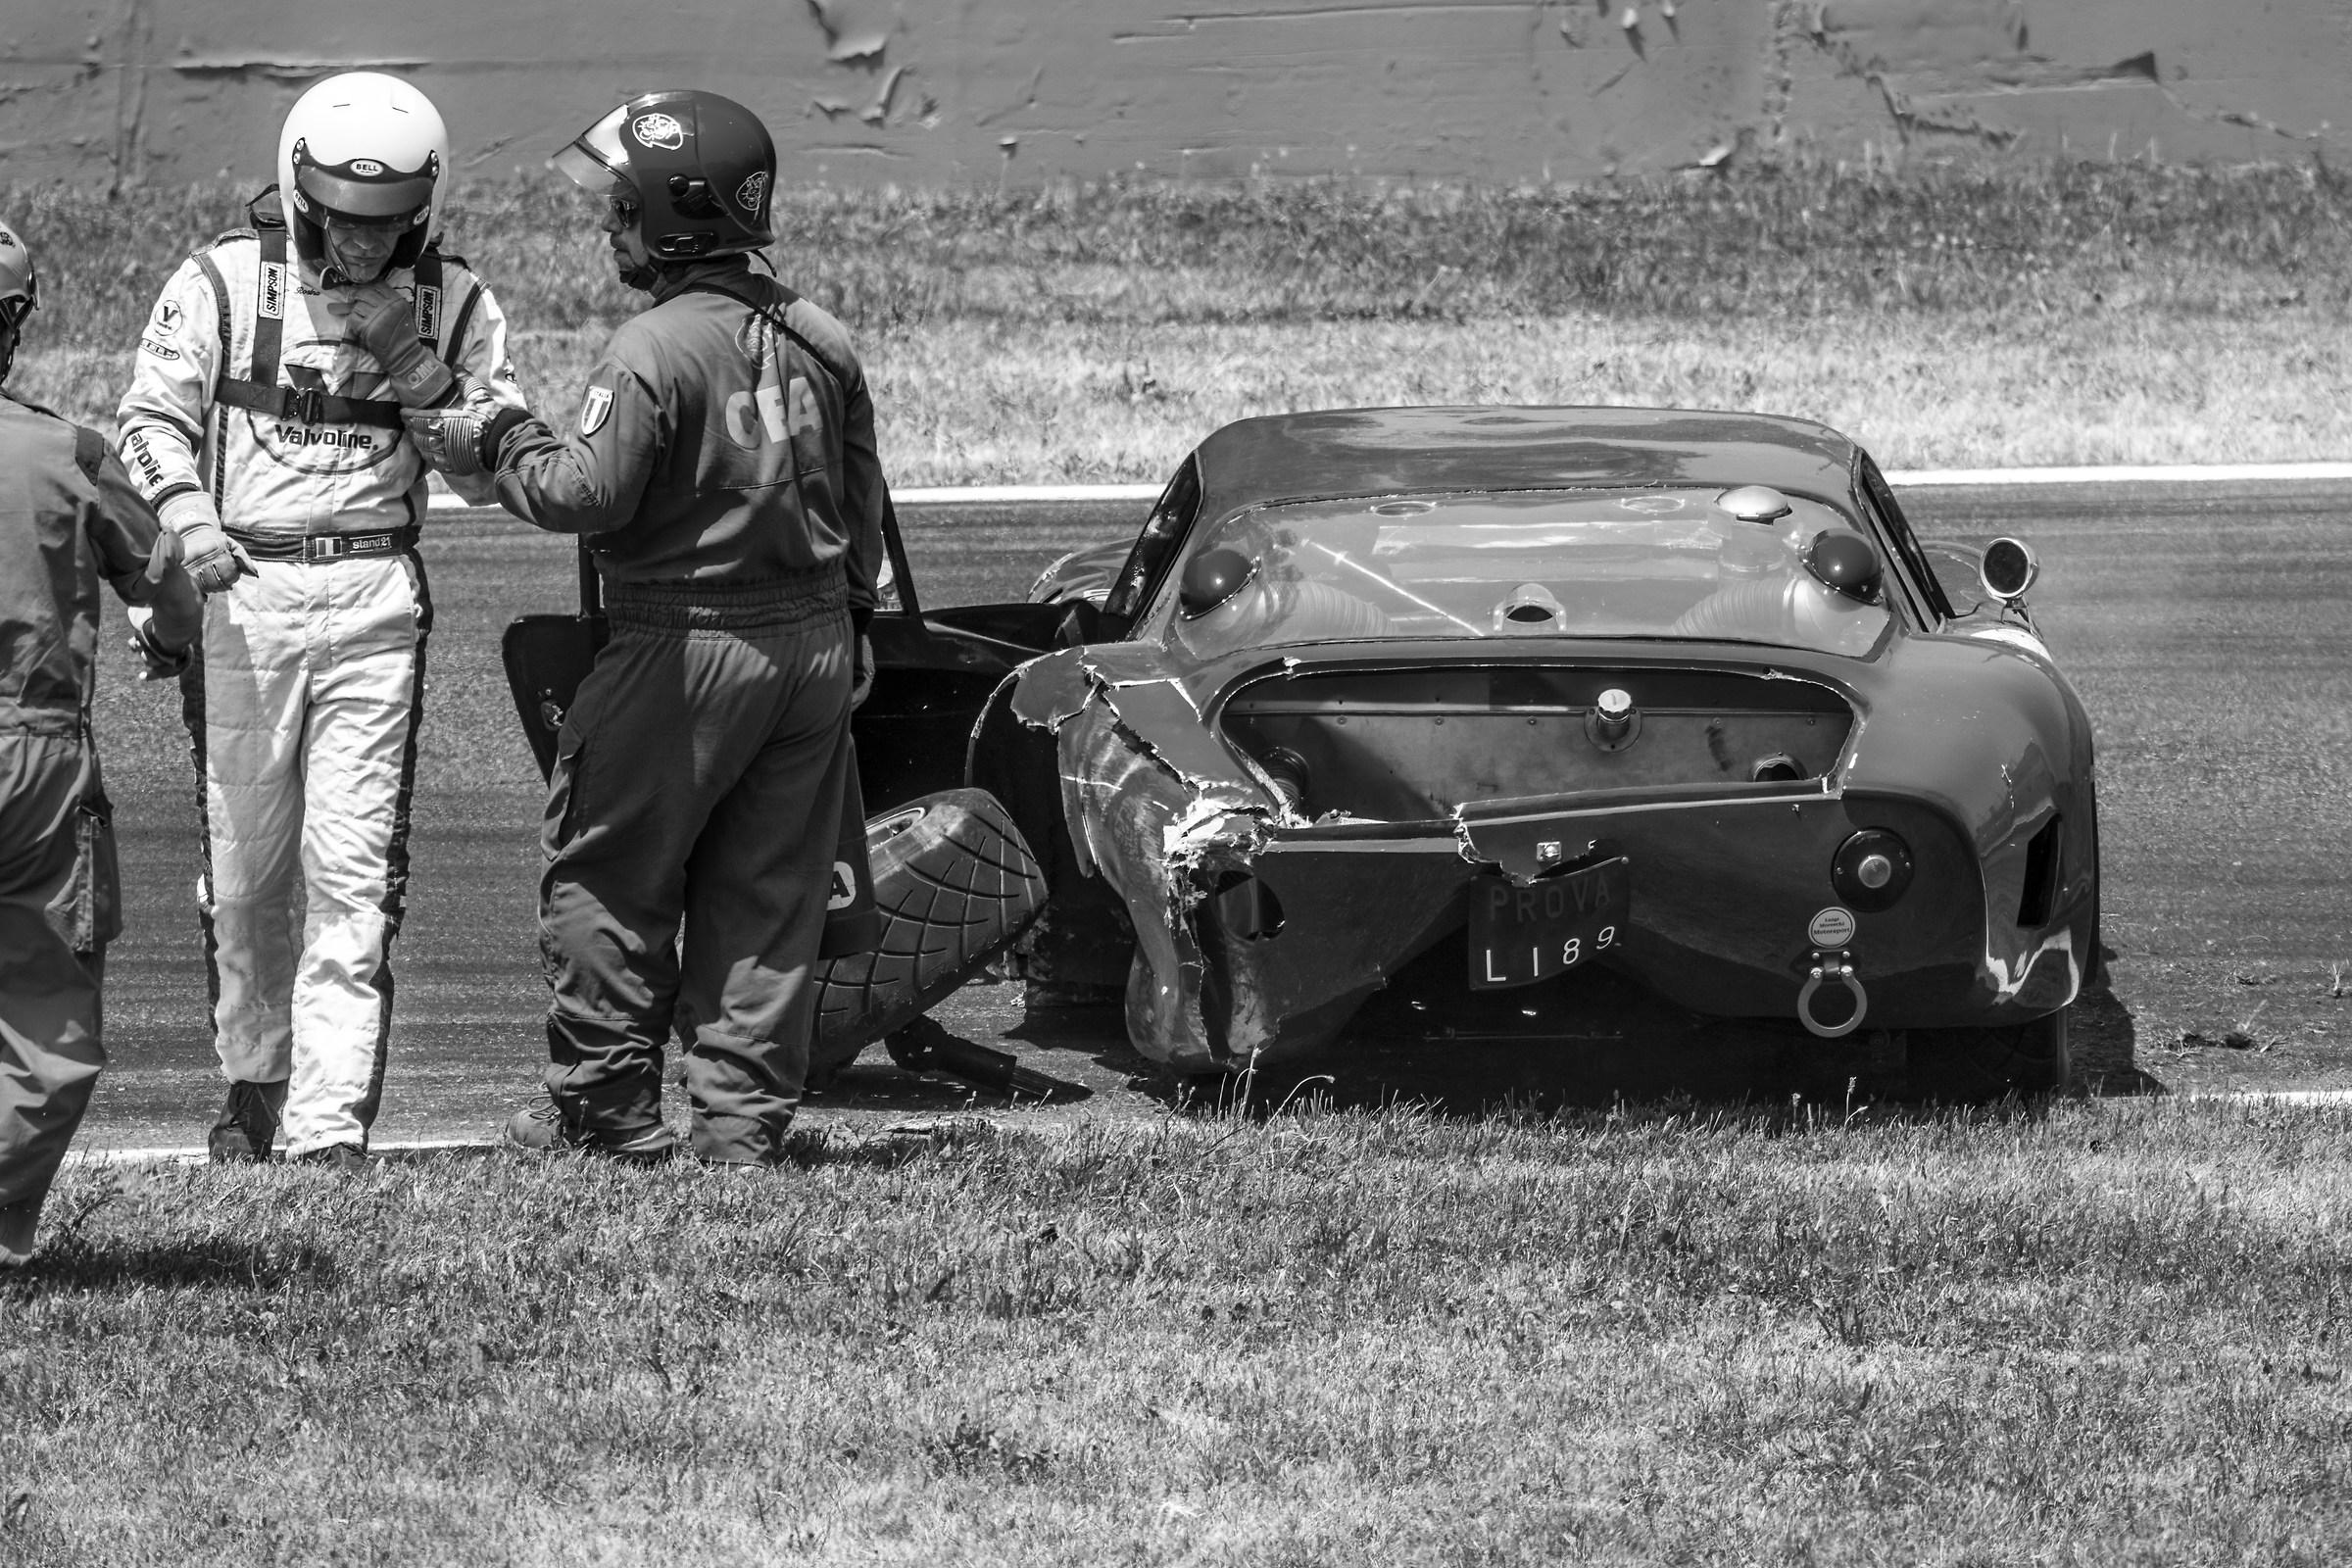 Bizzarrini 5300gt Crash road...